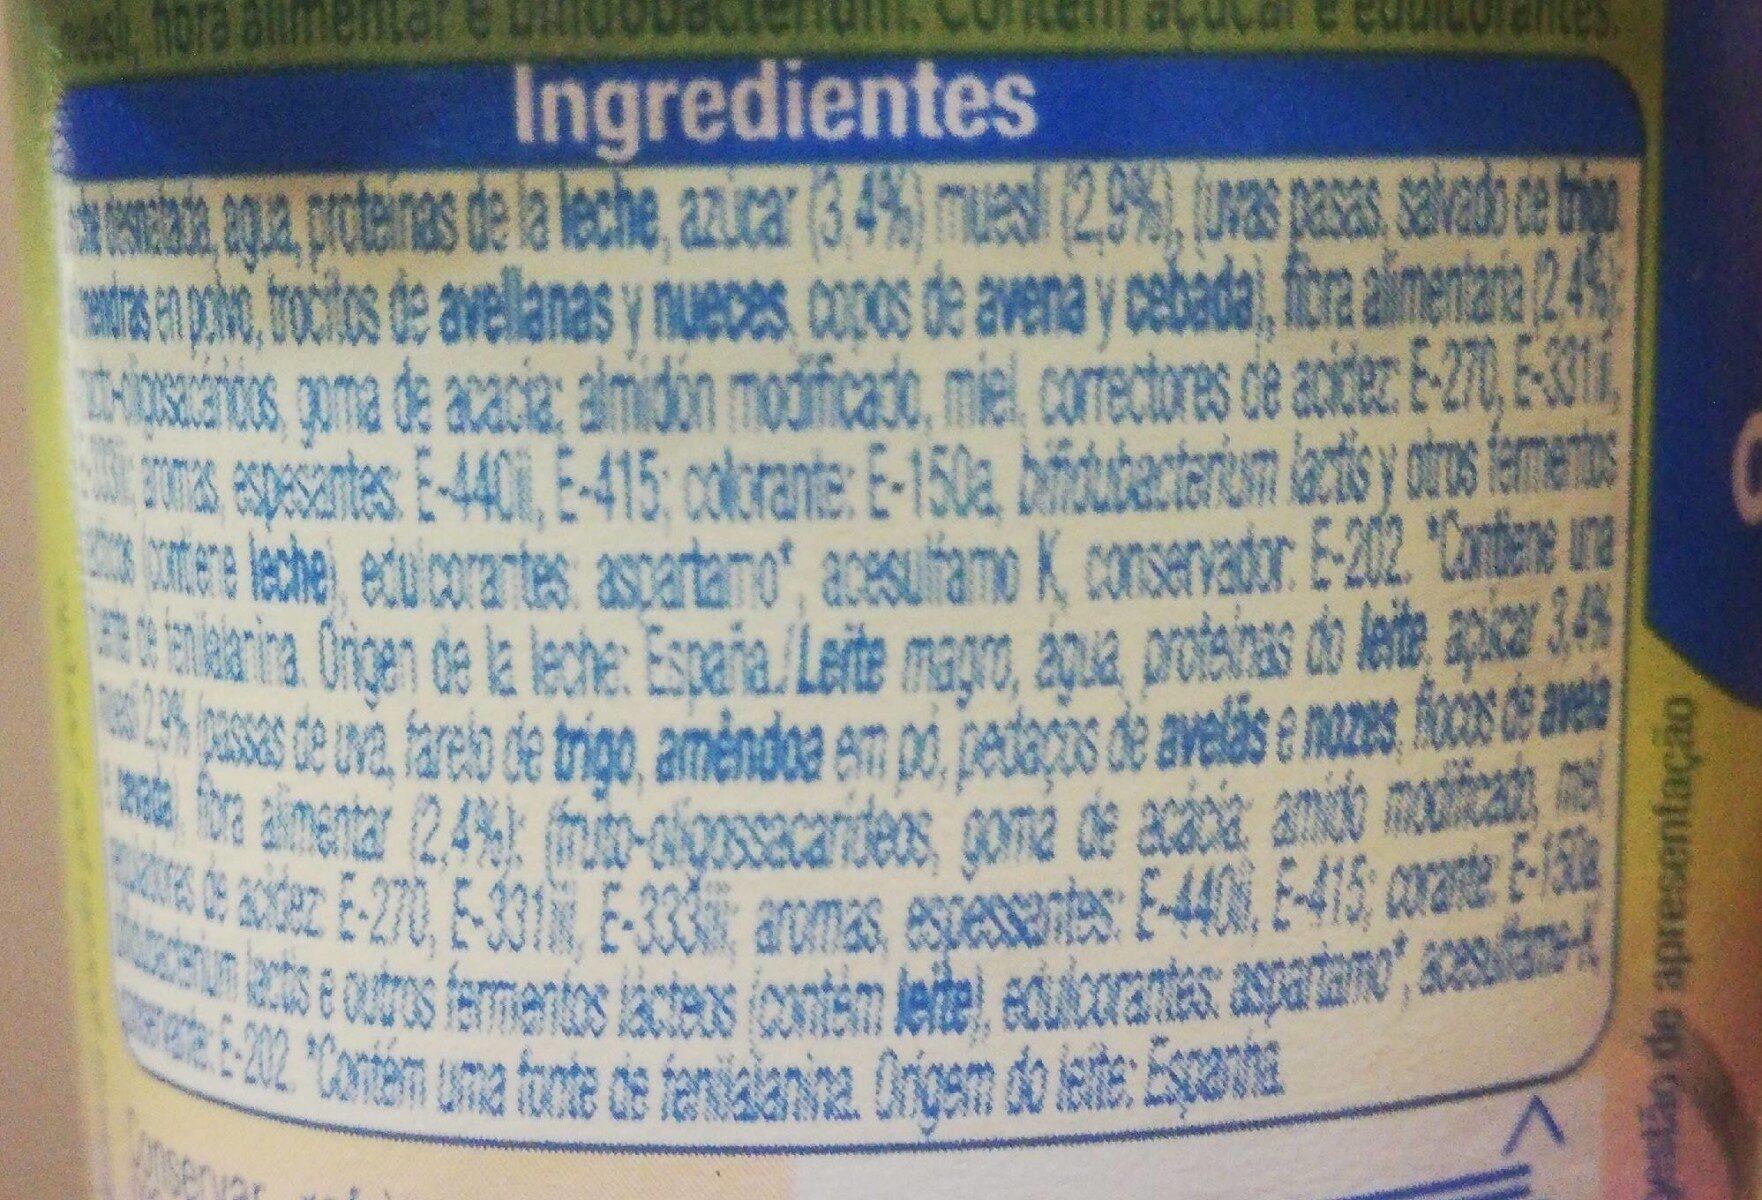 Yogur bífidus con trozos, fibra y muesli 0.4% - Información nutricional - es